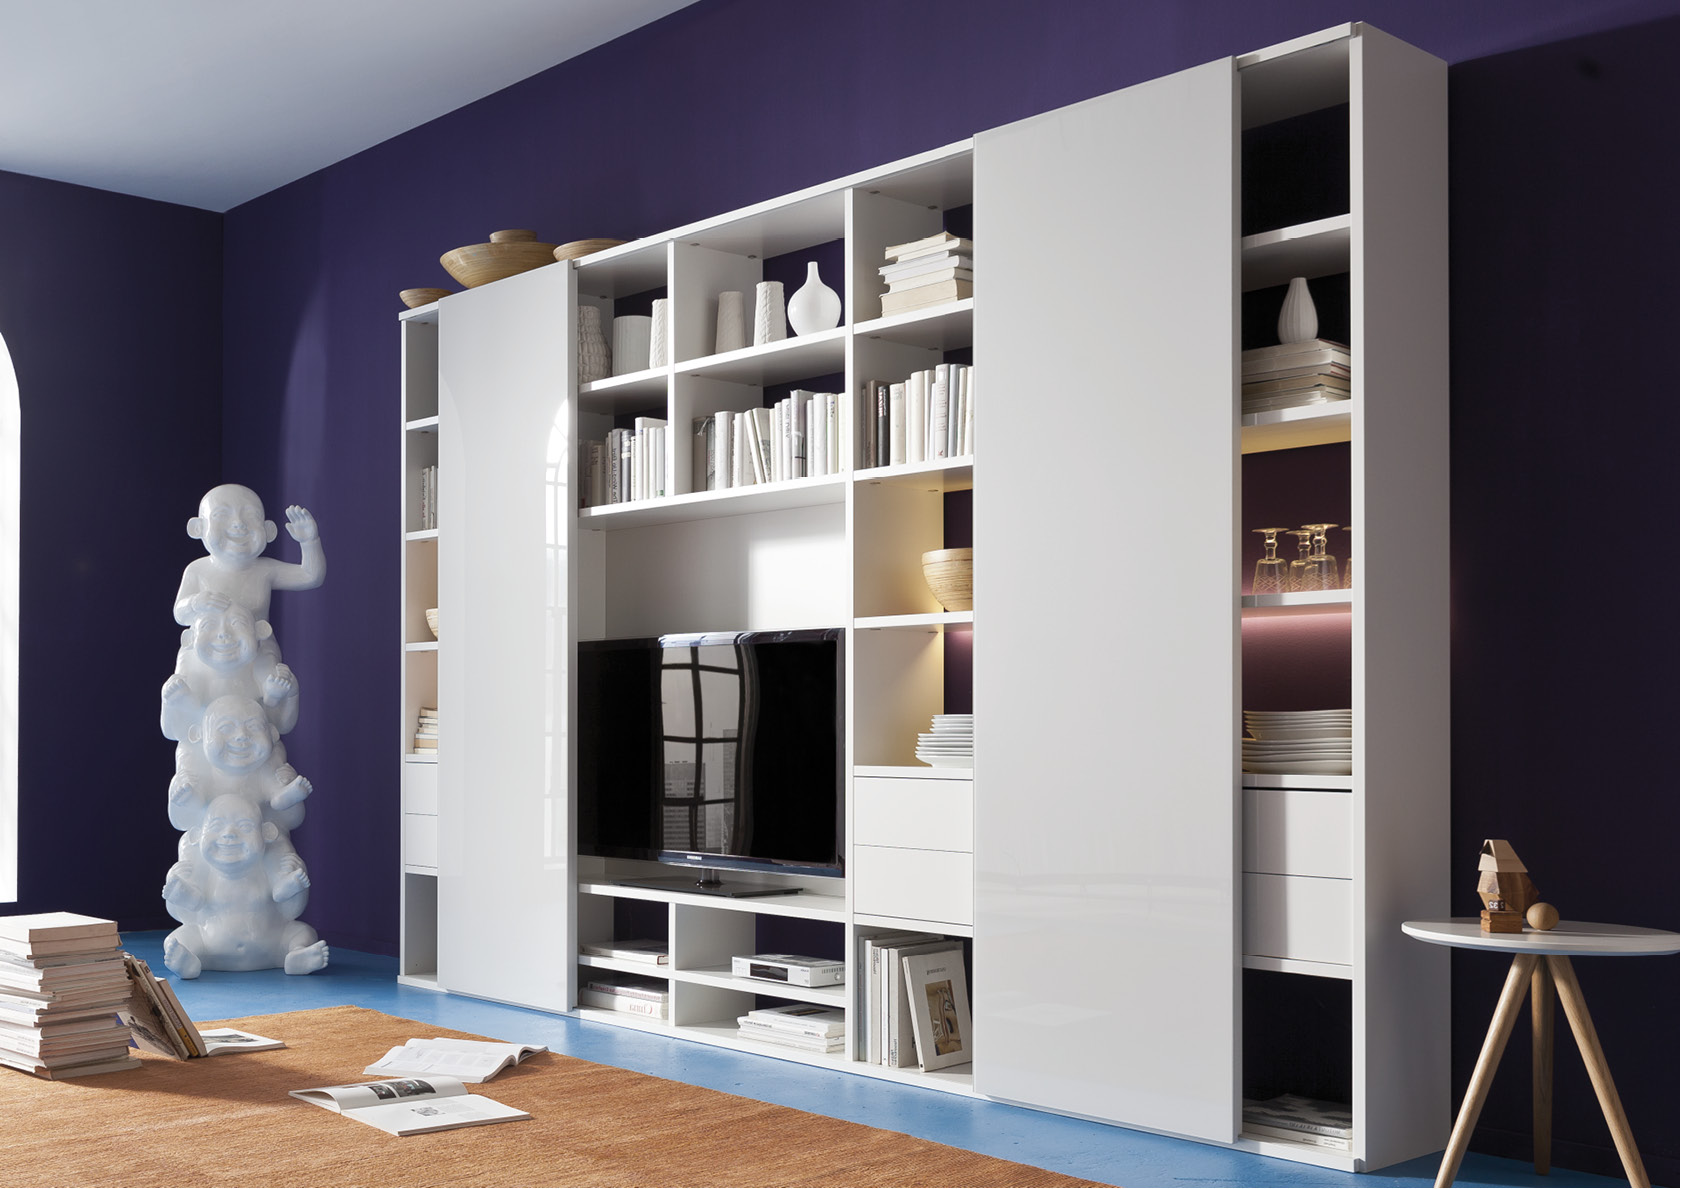 sutera regalwand wohnart einrichtungsbedarf gmbh in m nchengladbach. Black Bedroom Furniture Sets. Home Design Ideas